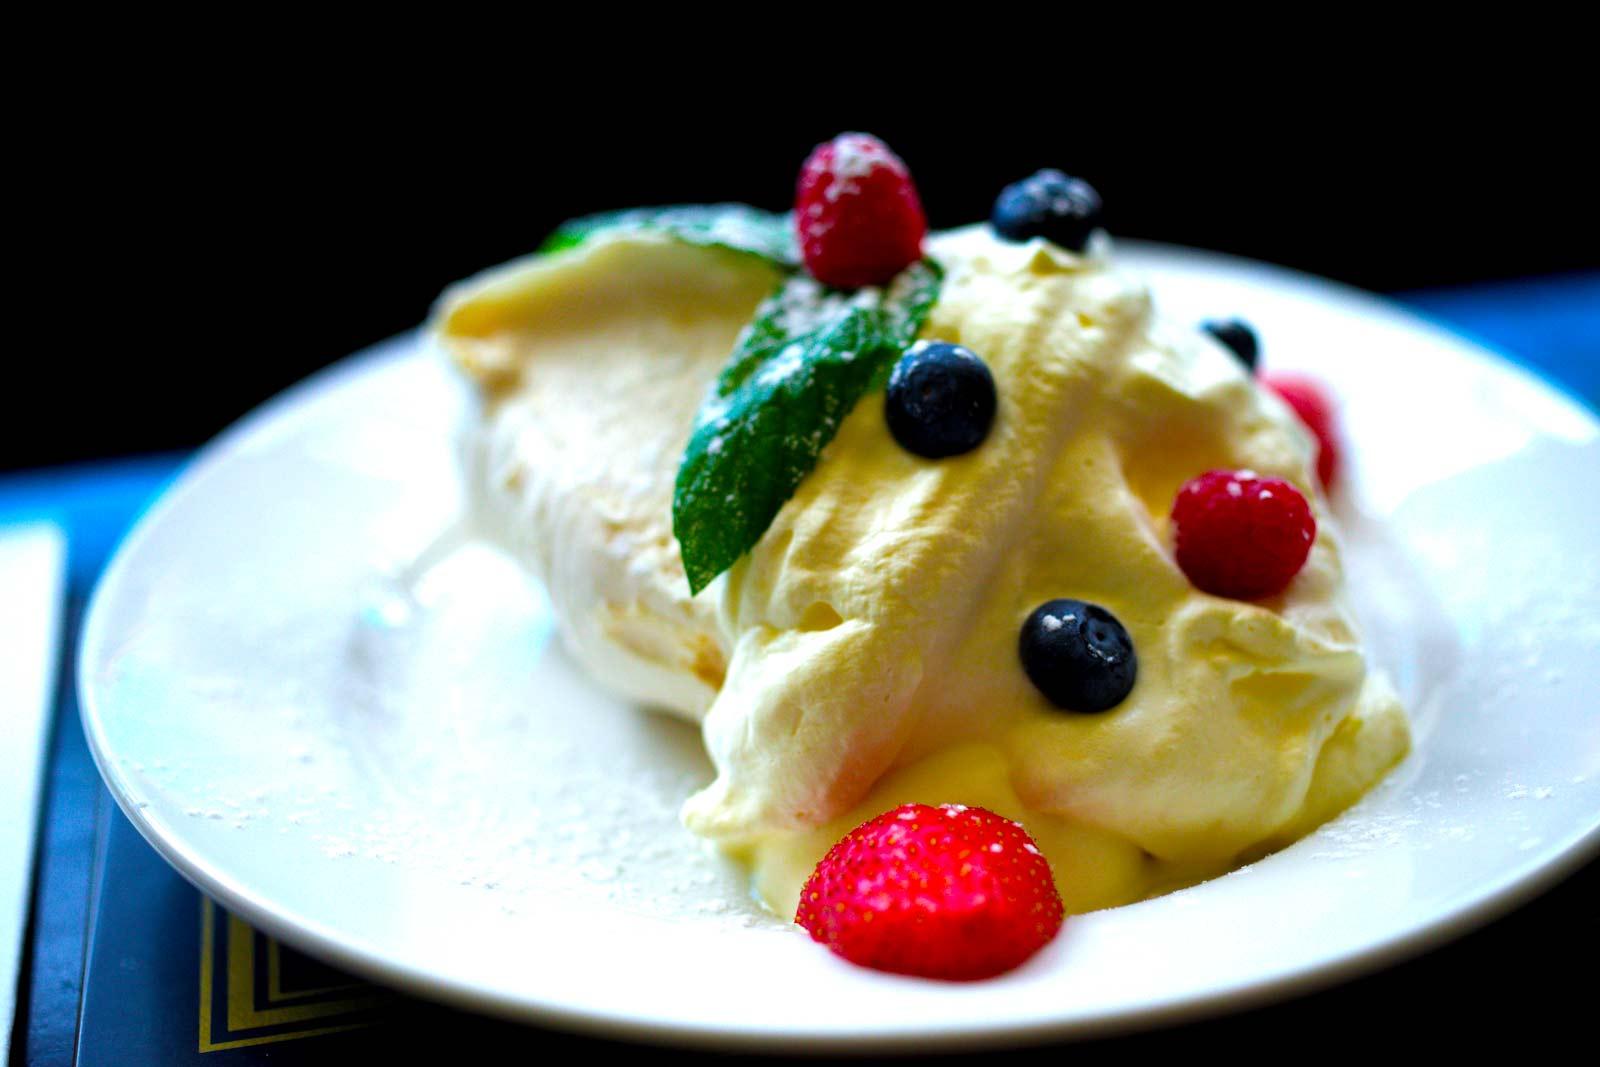 Finnegans_Dalkey_dessert